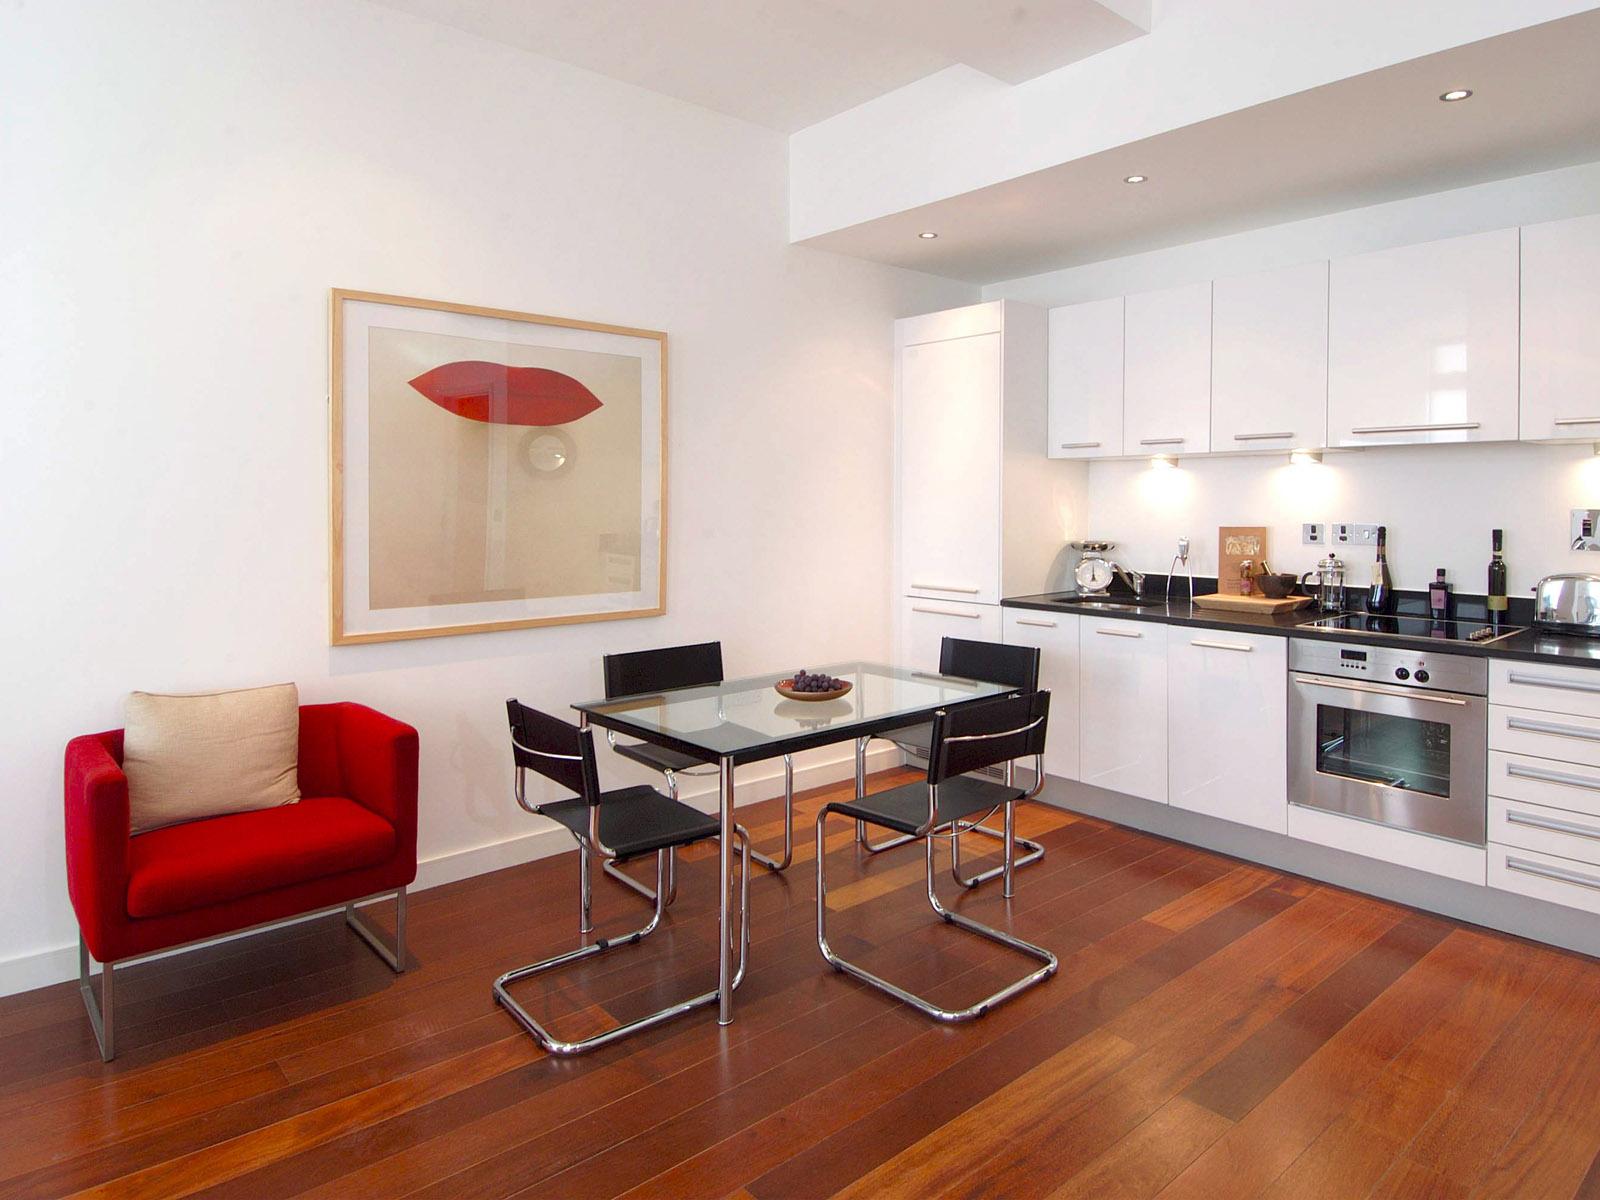 wooden-floor-modern-kitchen-design-idea wooden floor modern kitchen design idea